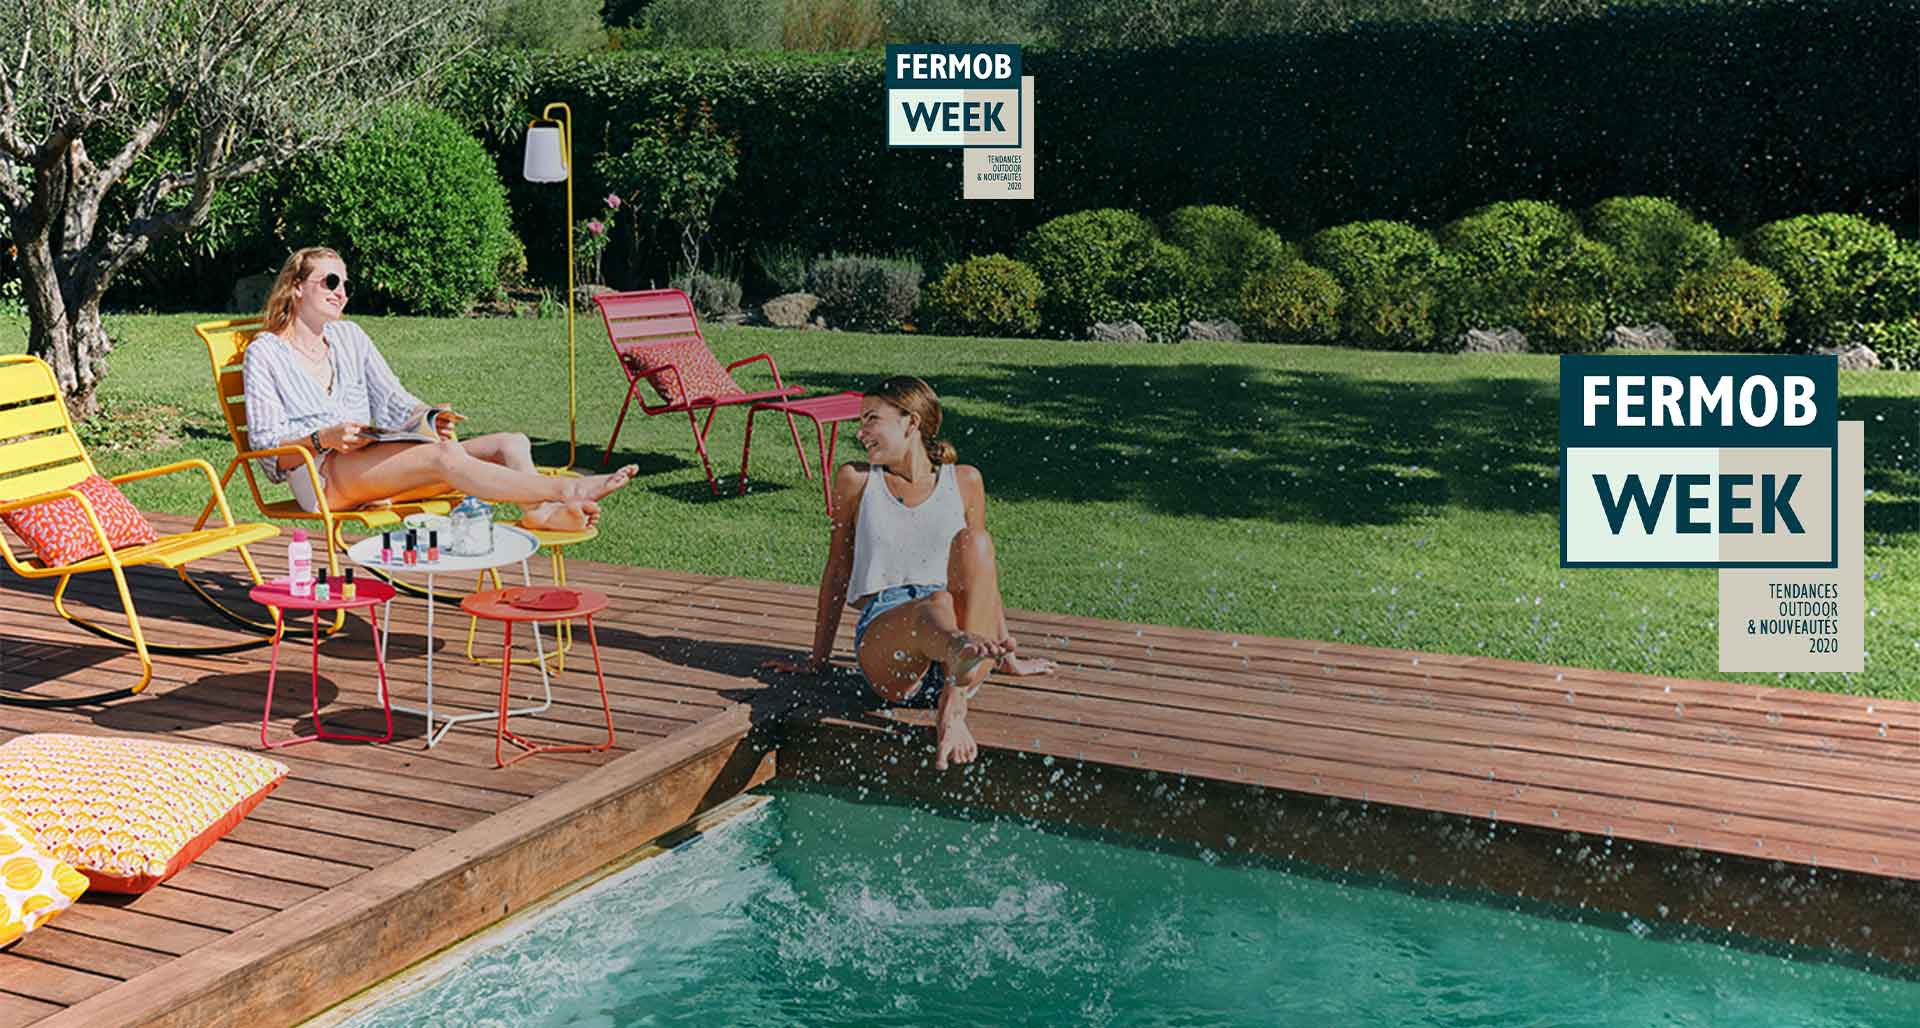 Jardineries Truffaut : Spécialiste Jardin, Animaux, Maison ... pour Truffaut Salon De Jardin